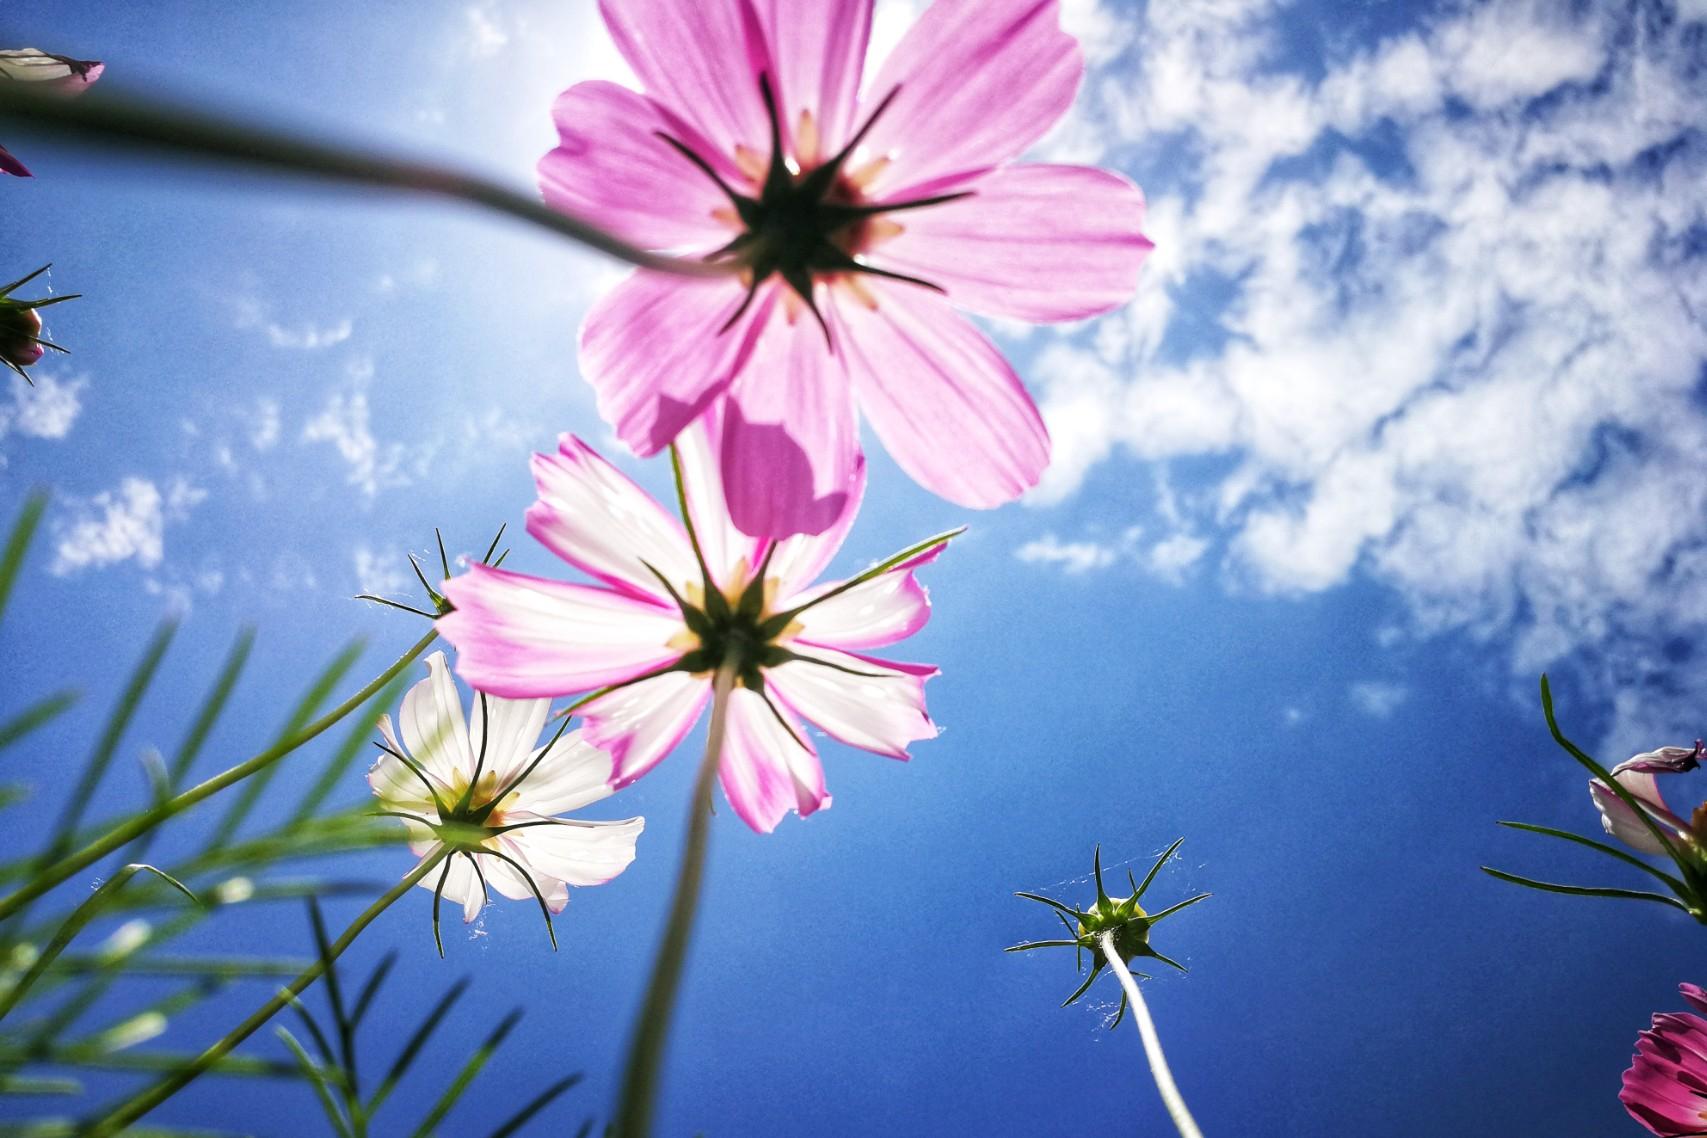 格桑花儿,花粉摄影-花粉俱乐部